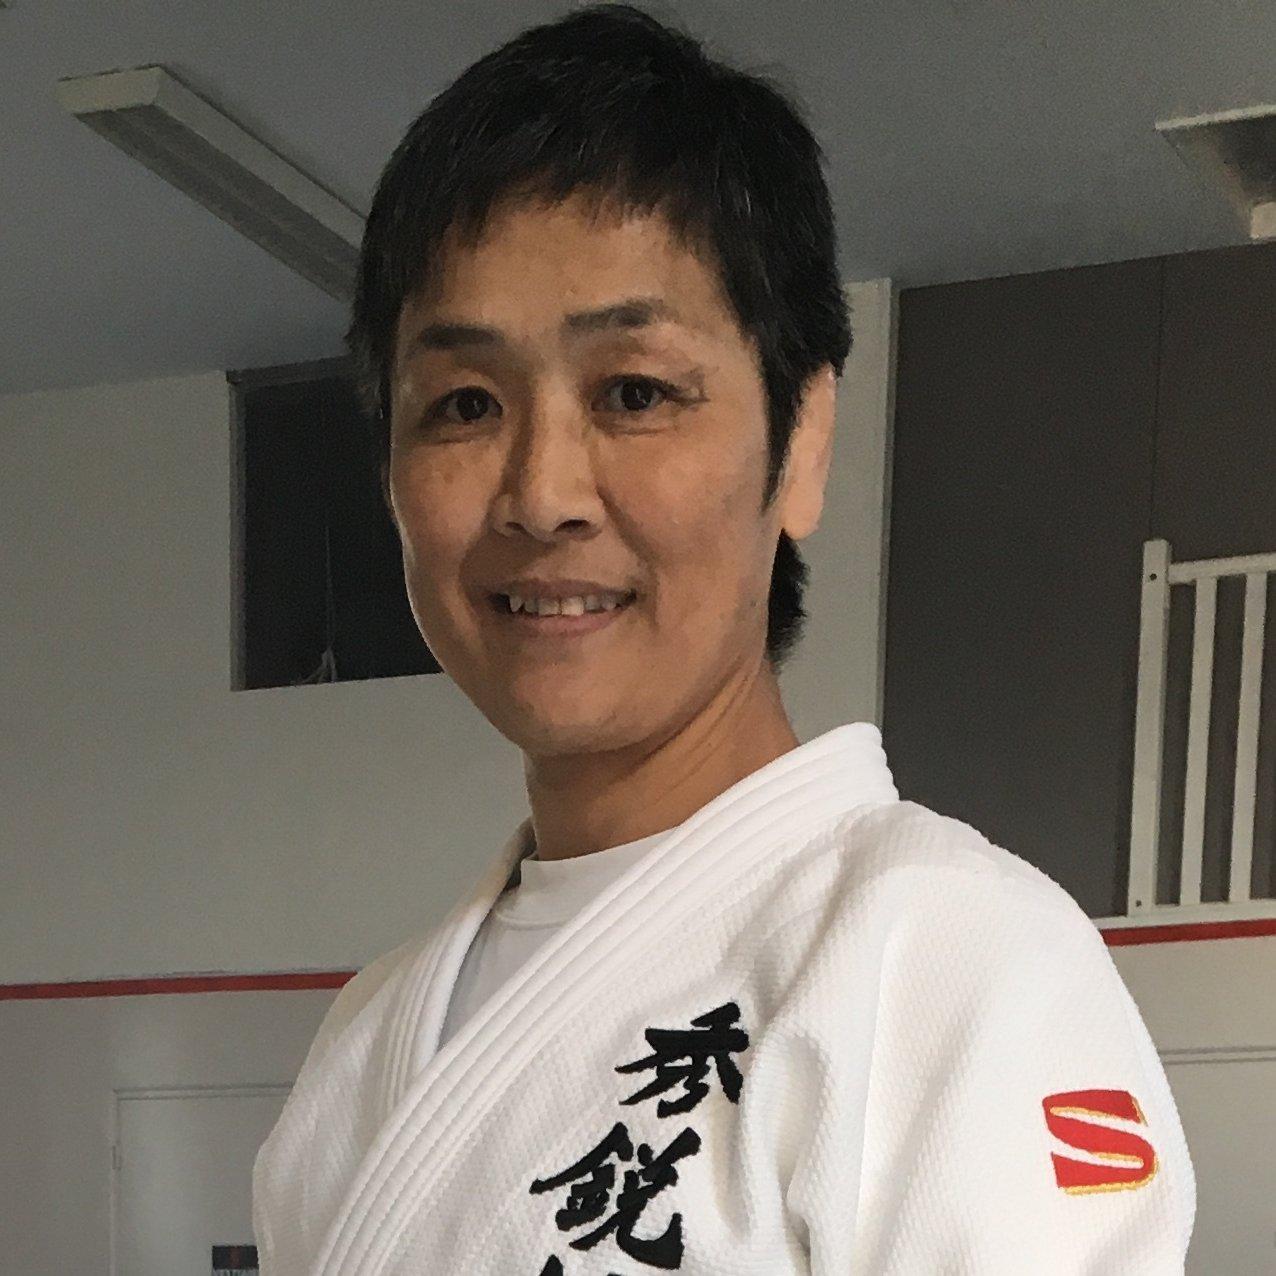 Ms. Hikari Sasaki